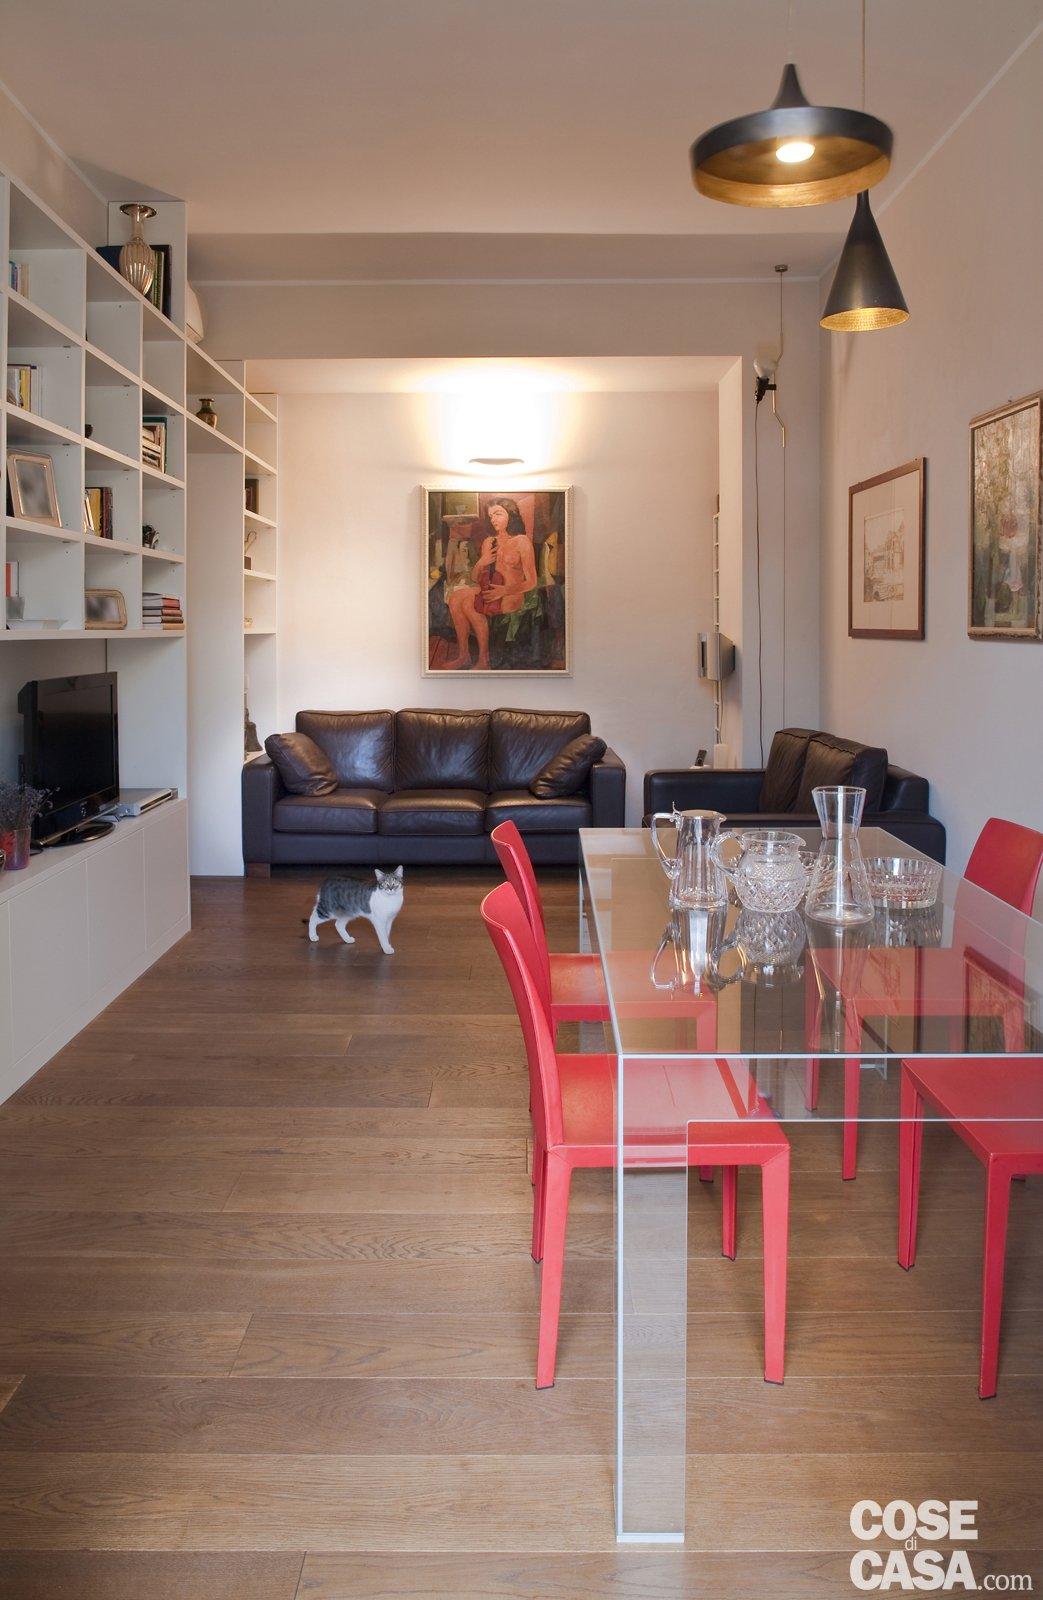 Una casa di 80 mq superfunzionali cose di casa for Immagini di appartamenti ristrutturati